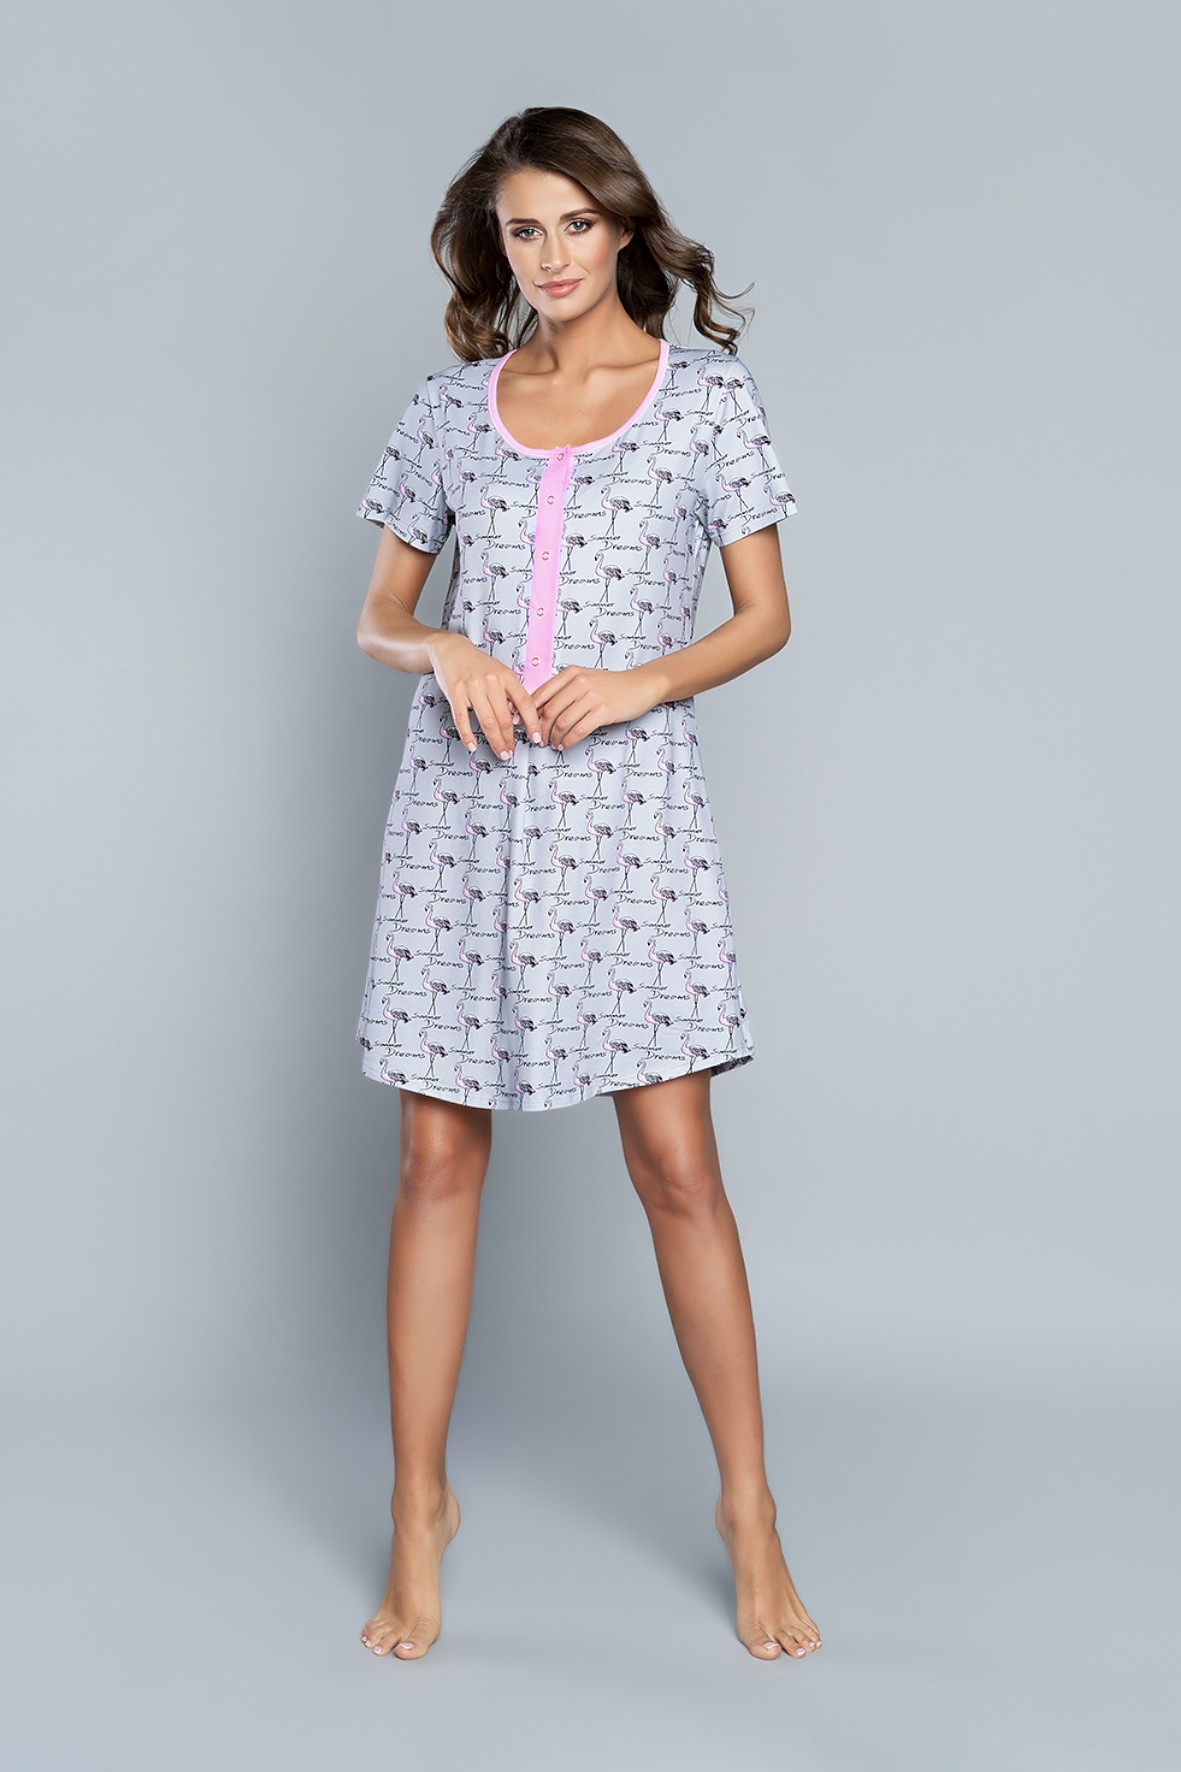 Koszula nocna damska z flamingami na krótki rękaw - Model przystosowany dla Matek karmiących